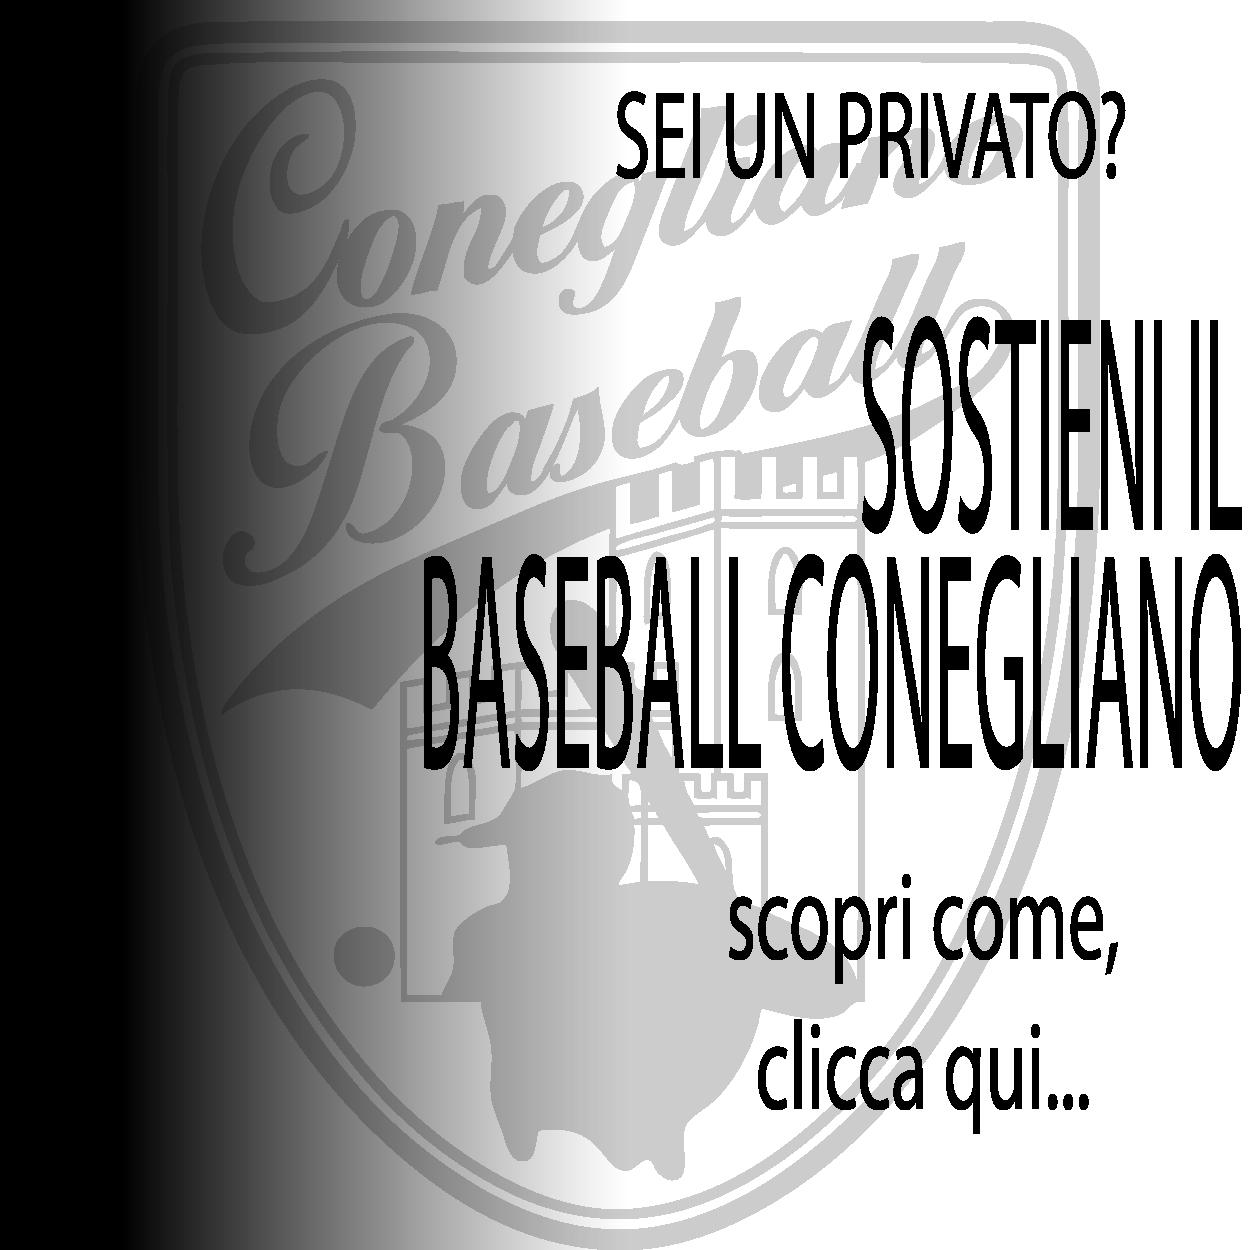 sostieni il baseball conegliano